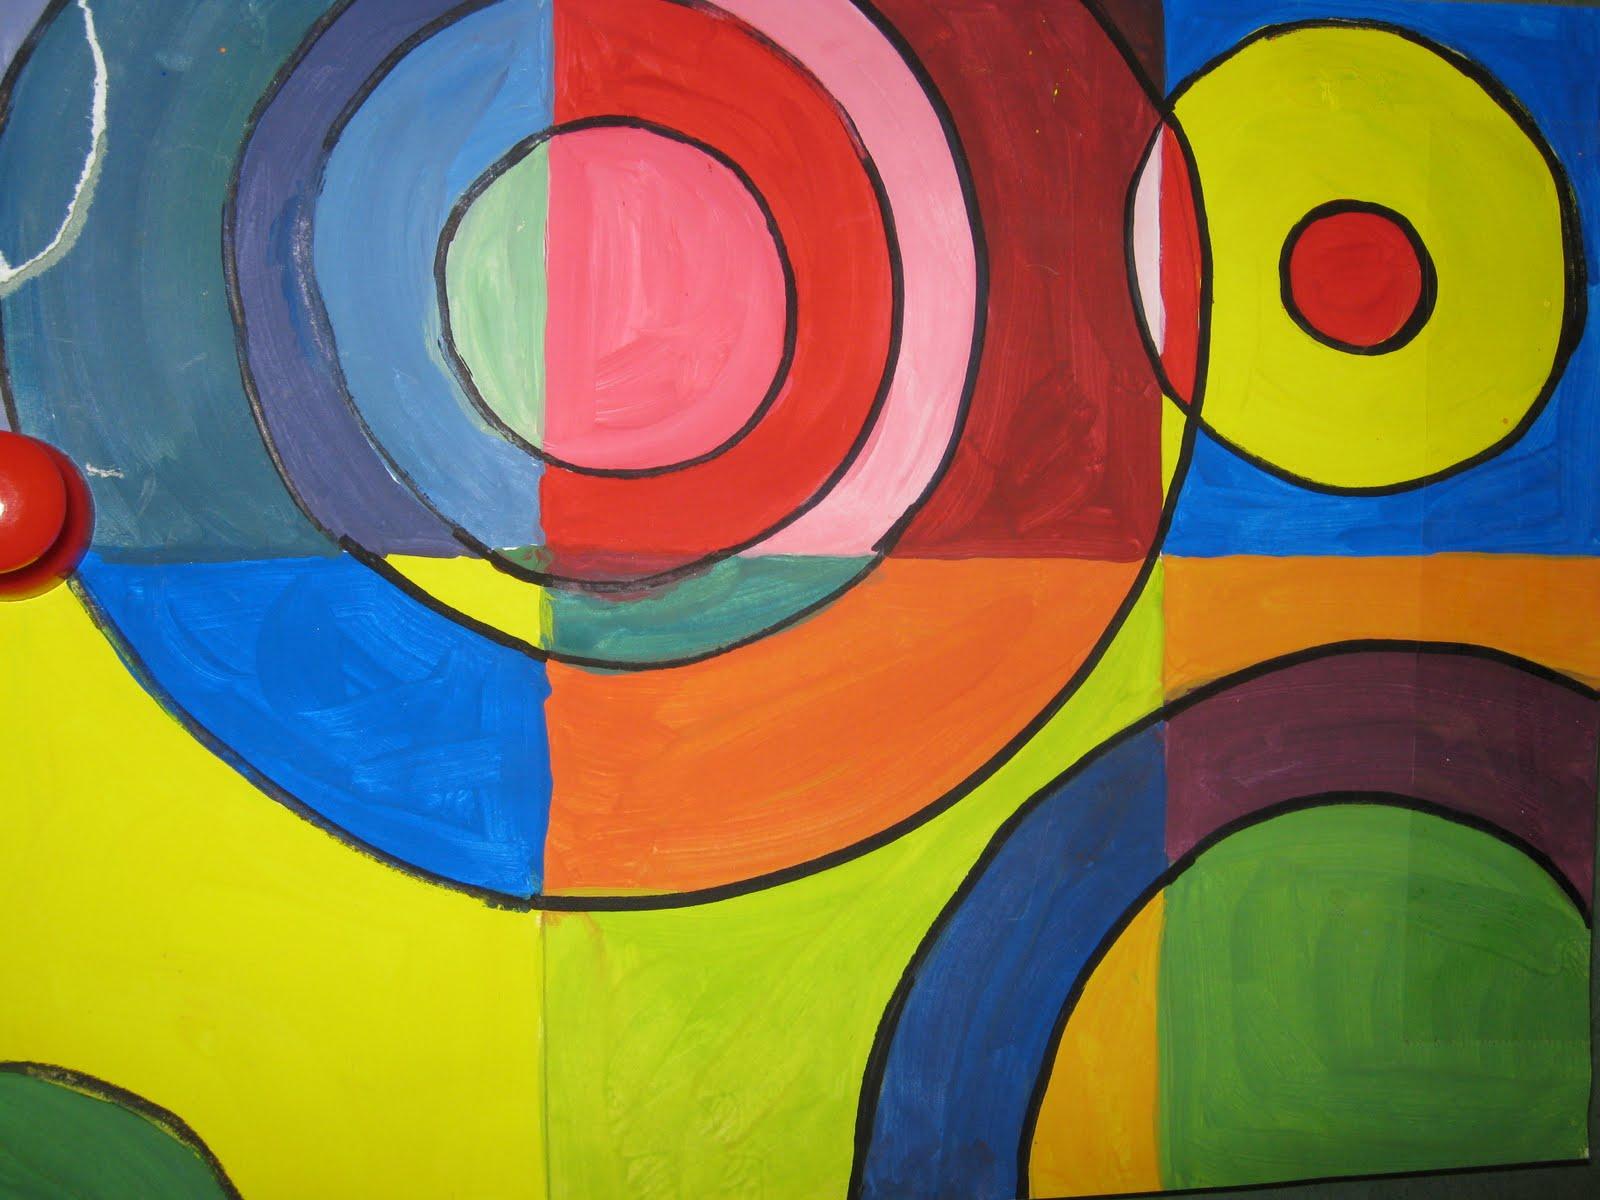 Famous shape paintings